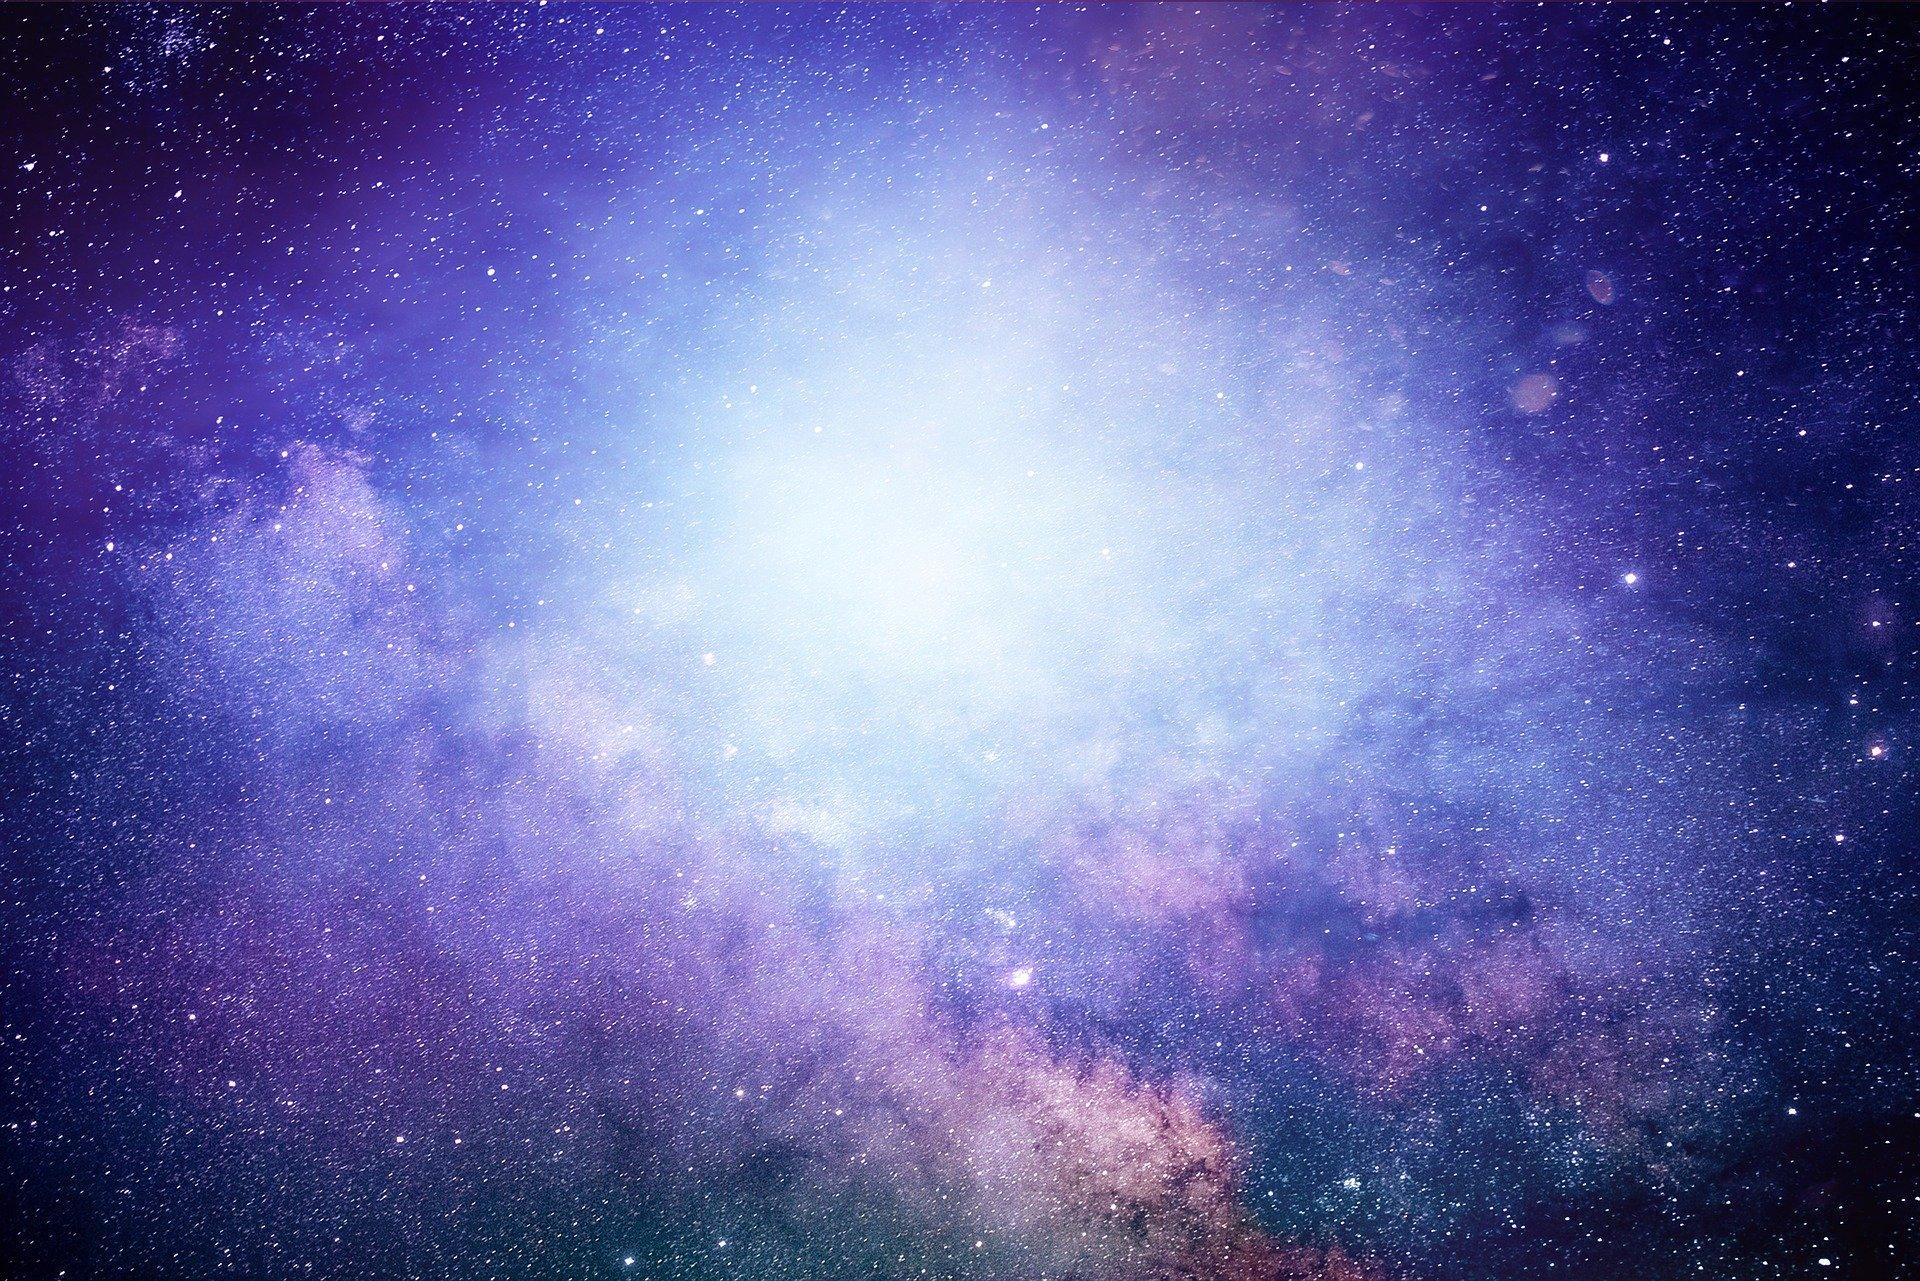 Oslušnite zvukove dalekih galaksija